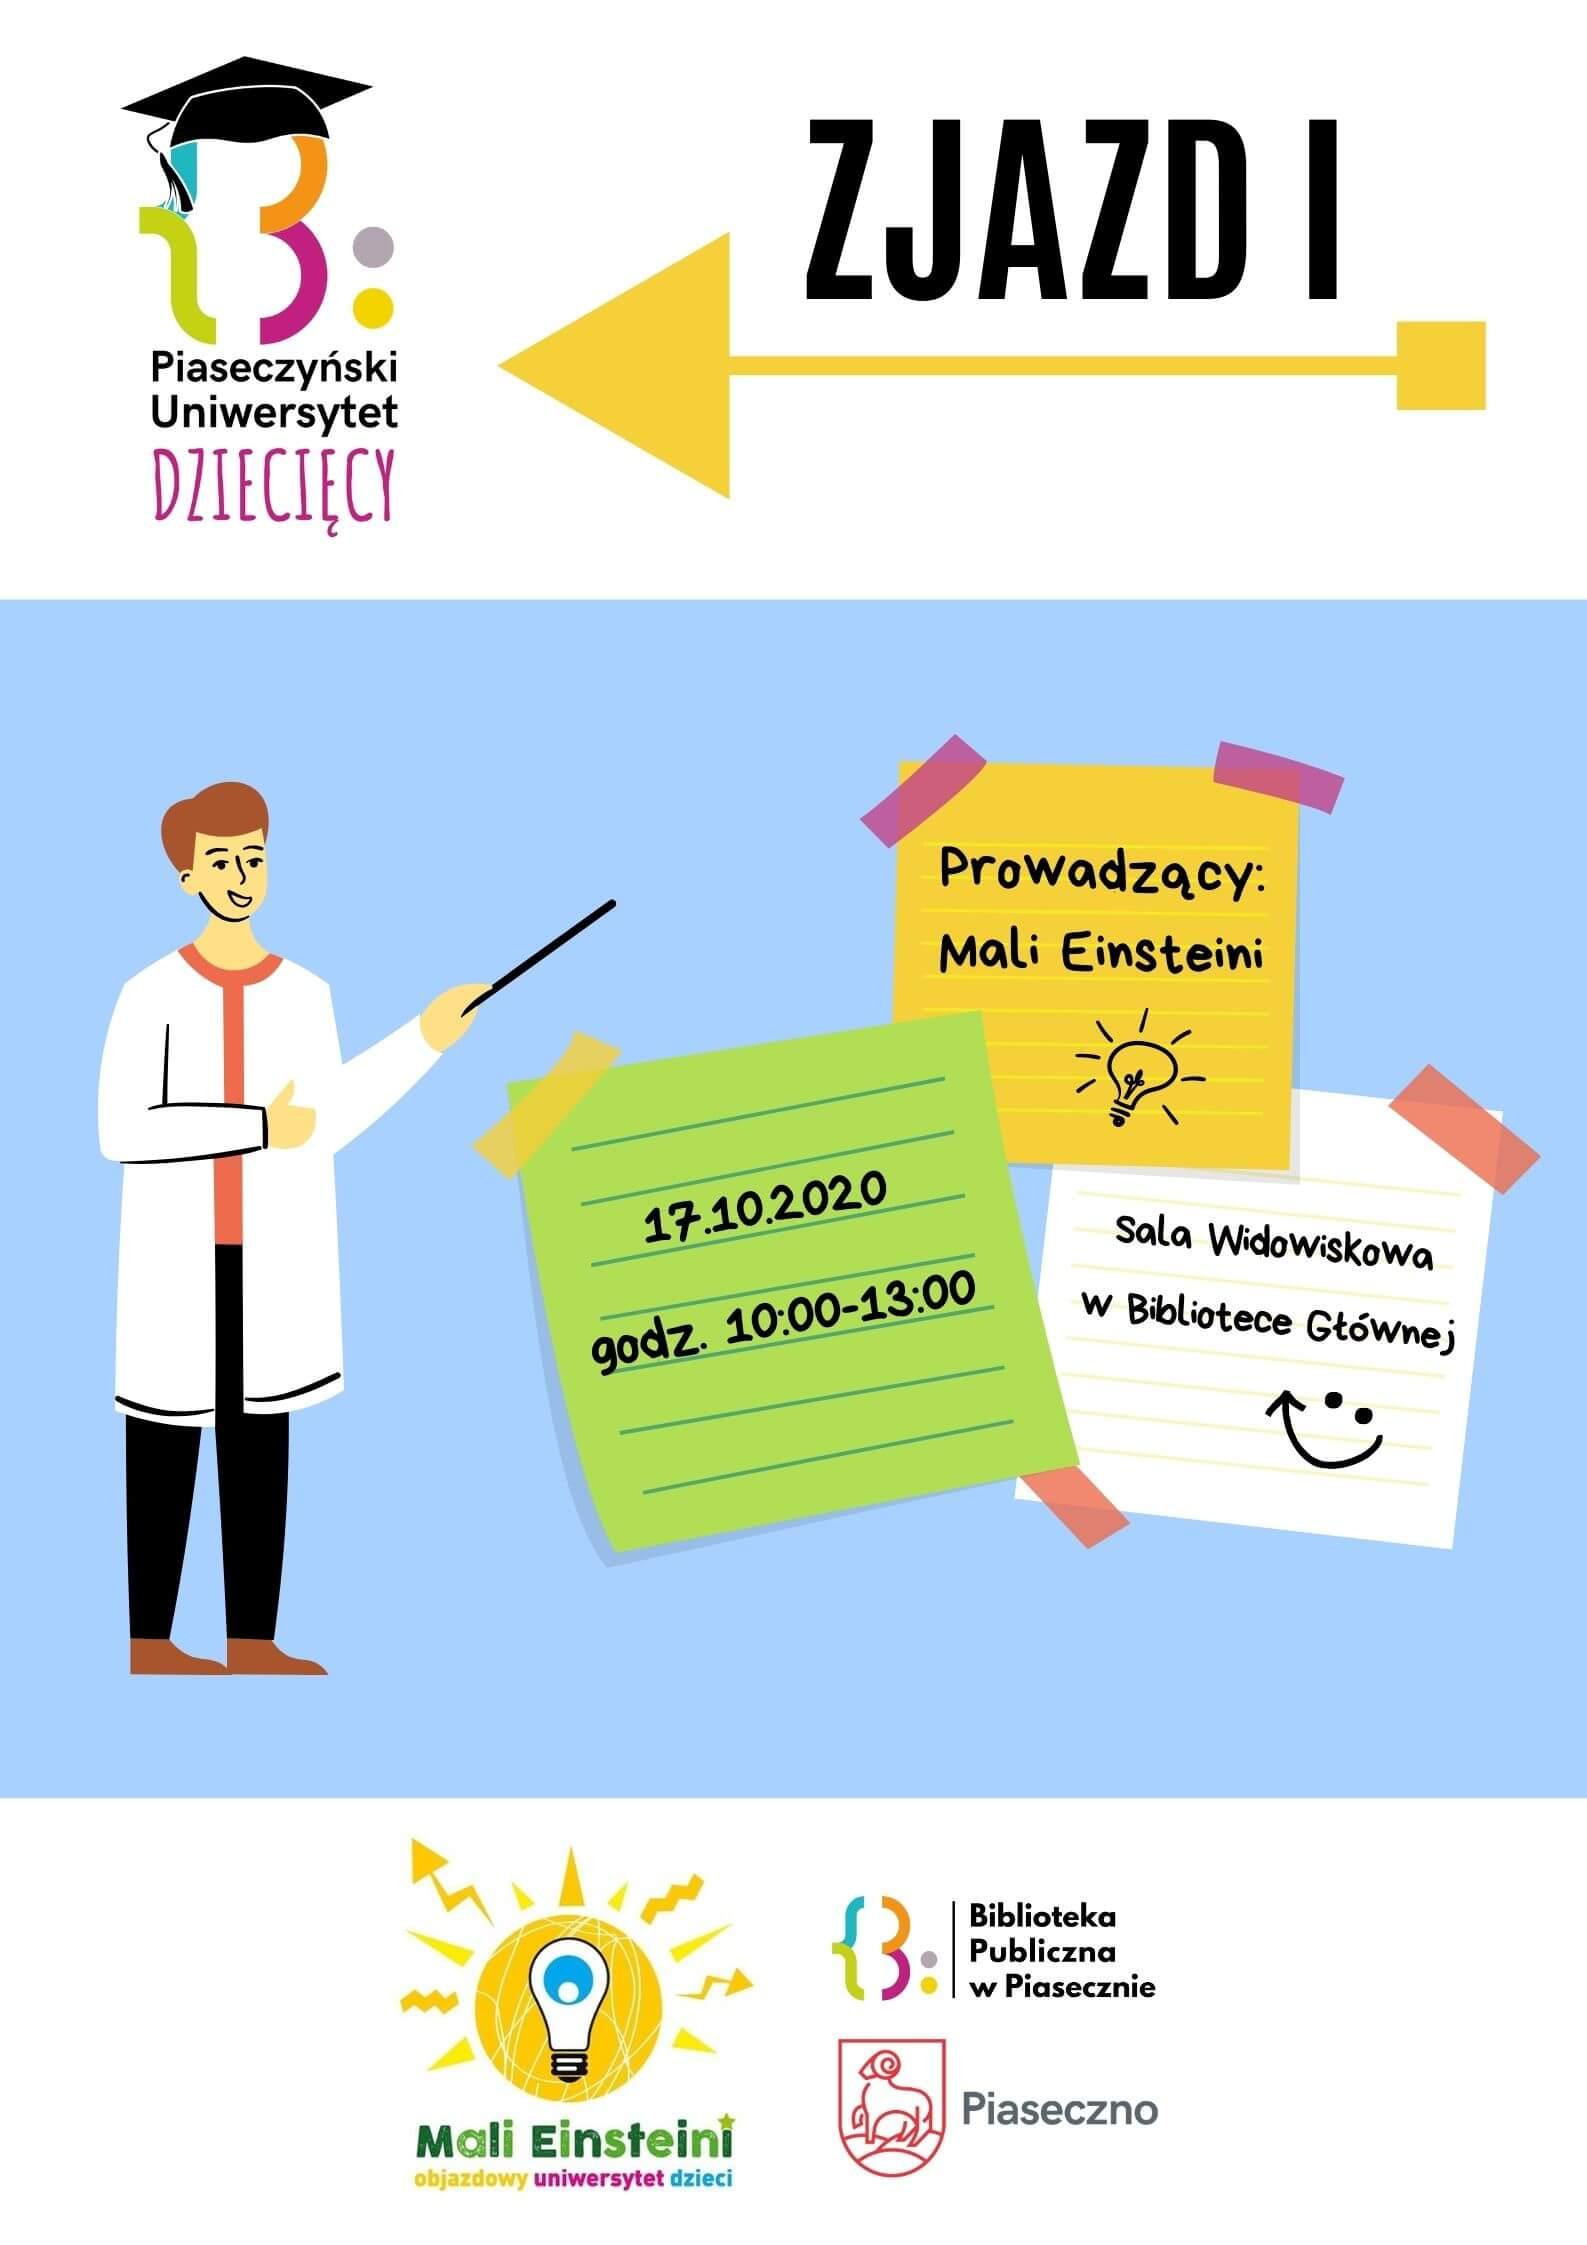 Plakat - Zjazd 1 Piaseczyńskiego Uniwersytetu Dziecięcego